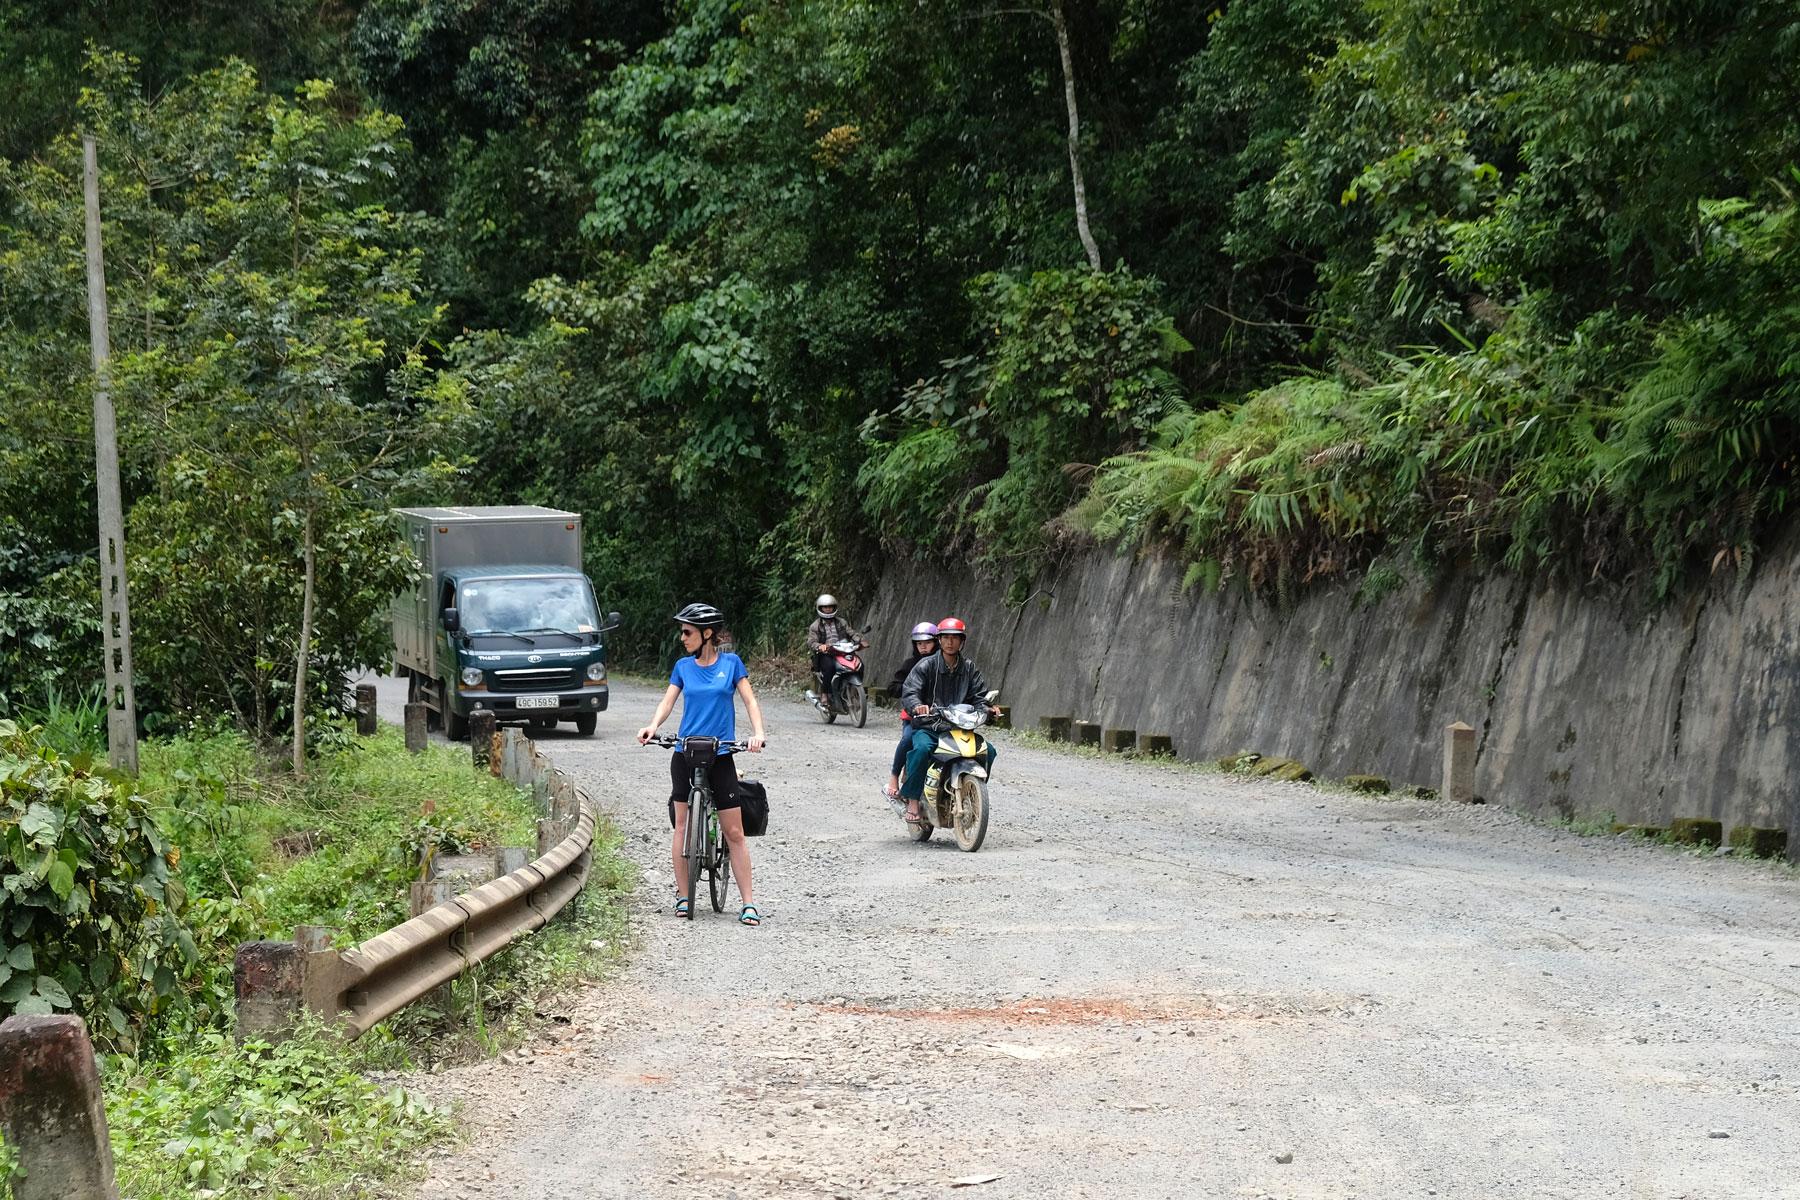 Leo steht mit ihrem Fahrrad am Straßenrand, neben ihr fahren Motorräder und ein kleiner Lastwagen vorbei.